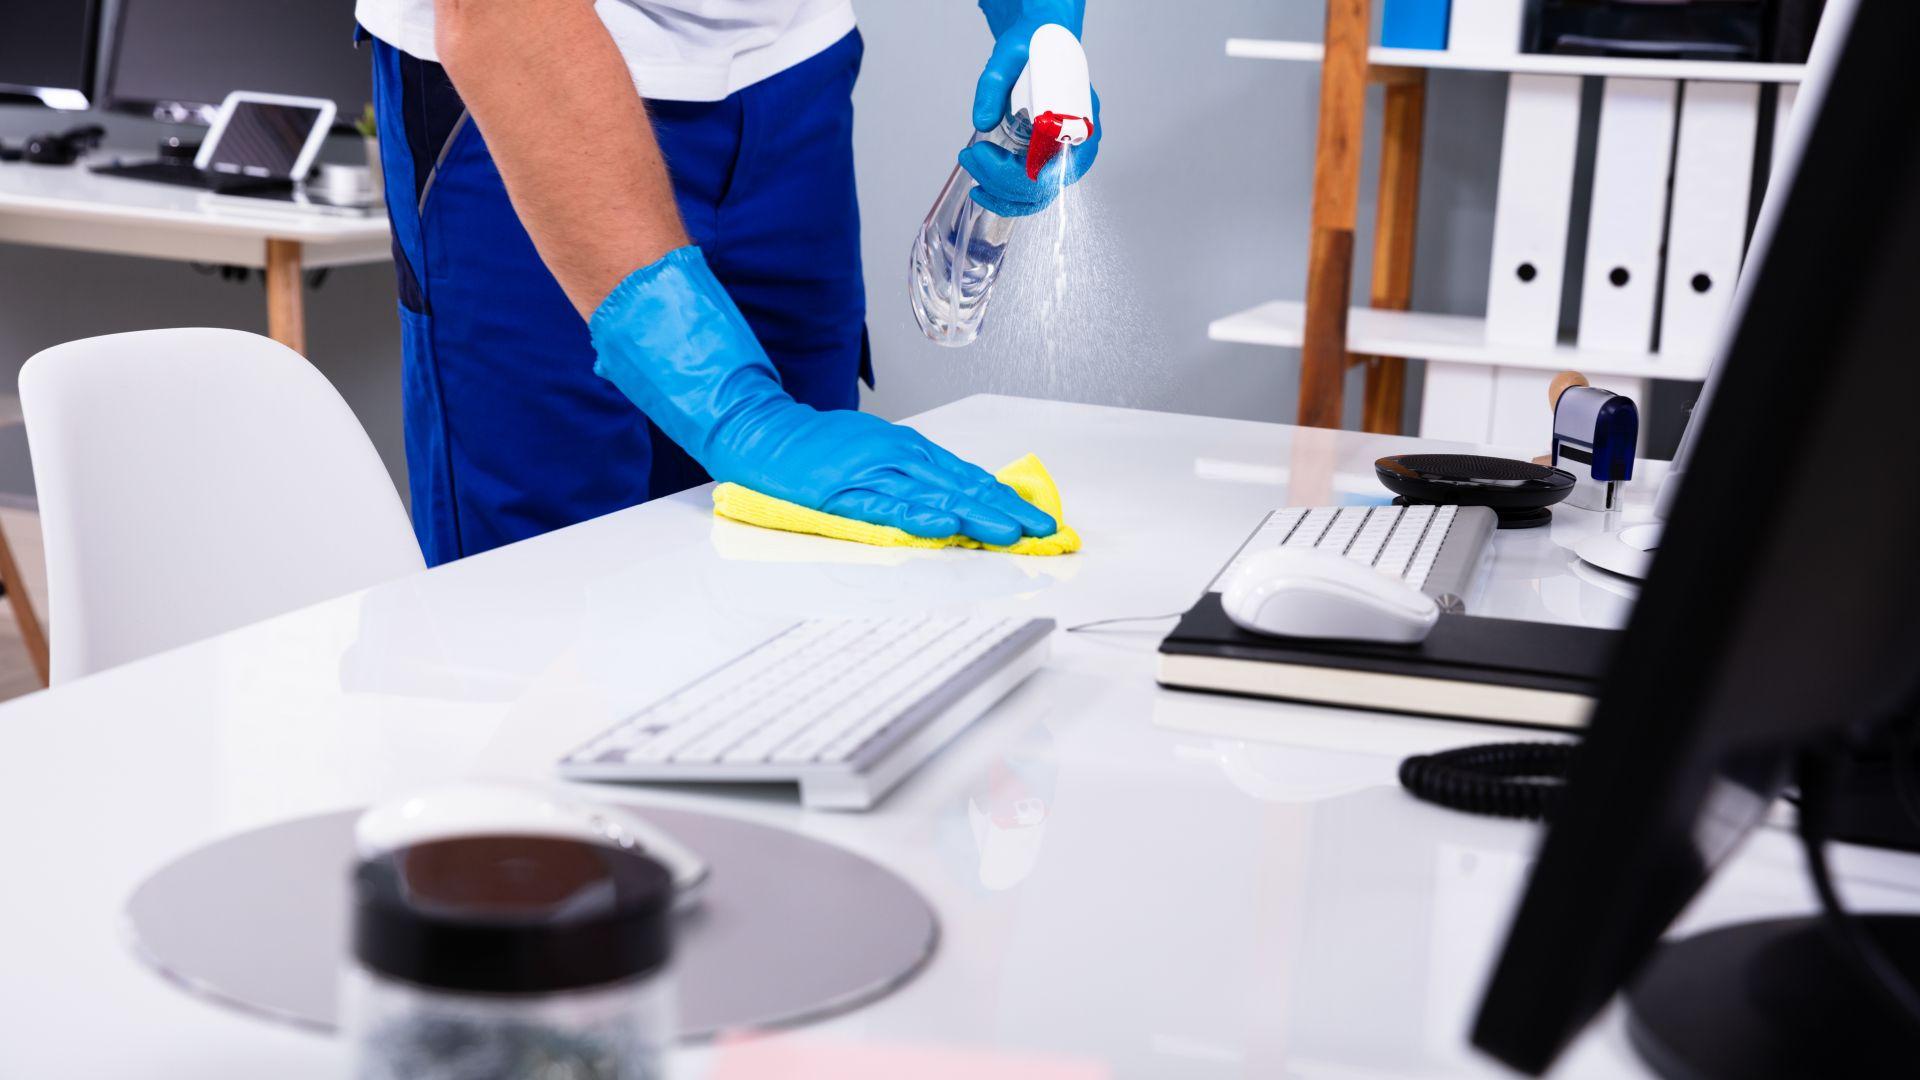 Новият коронавирус: Какви мерки да взема на работното място?